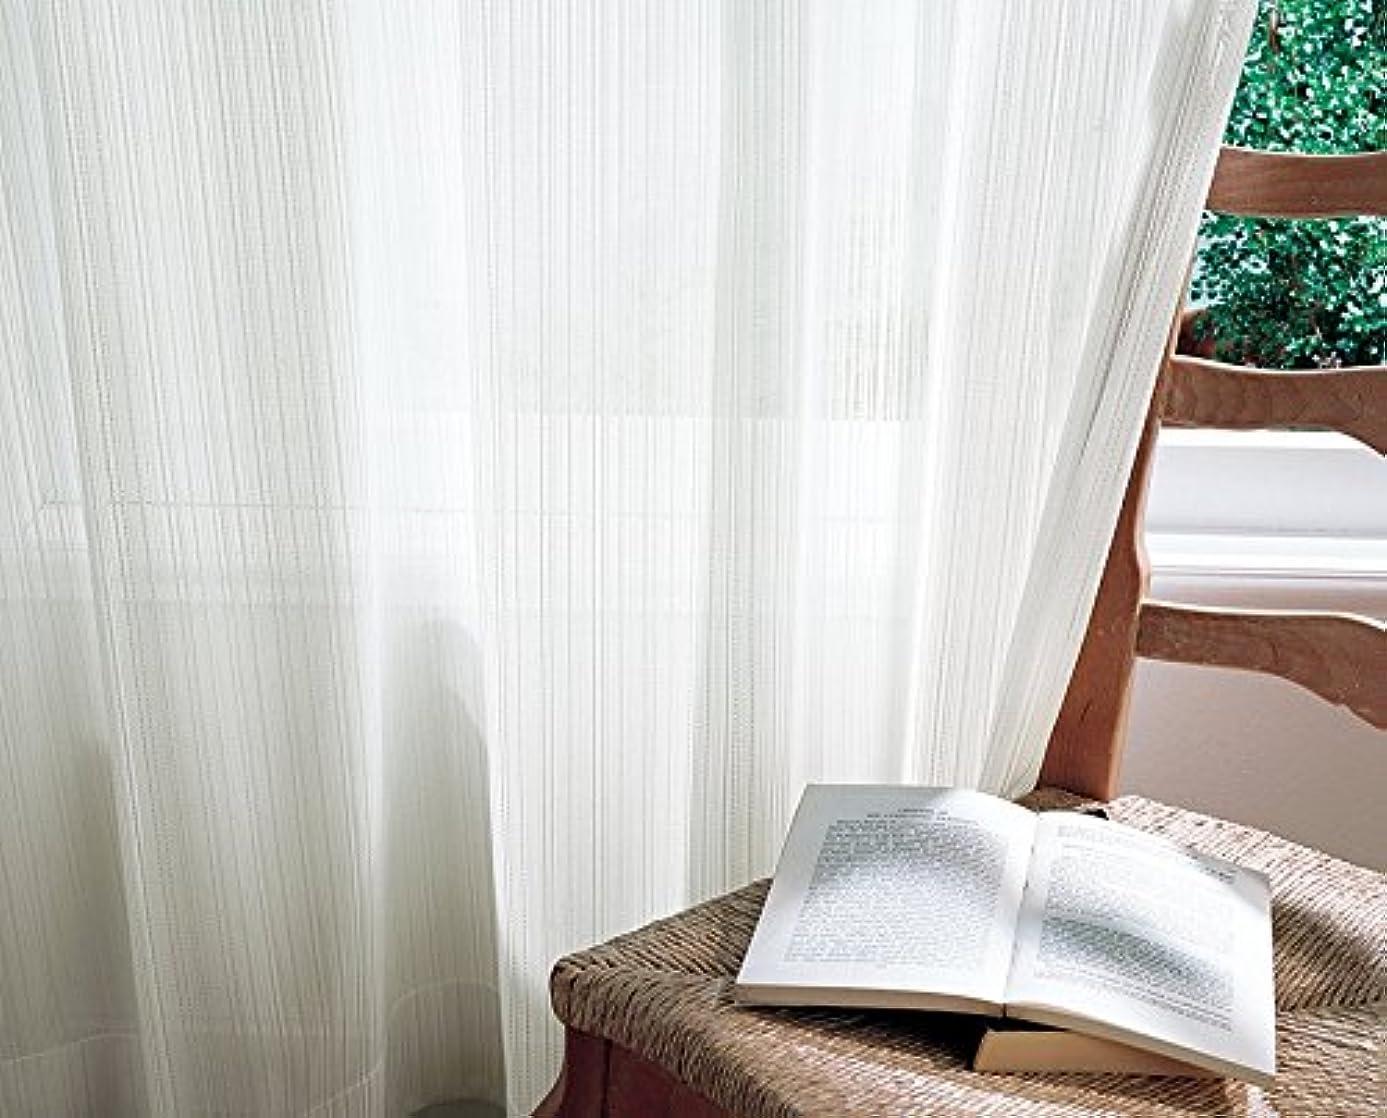 店主きちんとした状態東リ ステッチのストライプを表現 カーテン2倍ヒダ KSA60480 幅:200cm ×丈:110cm (2枚組)オーダーカーテン